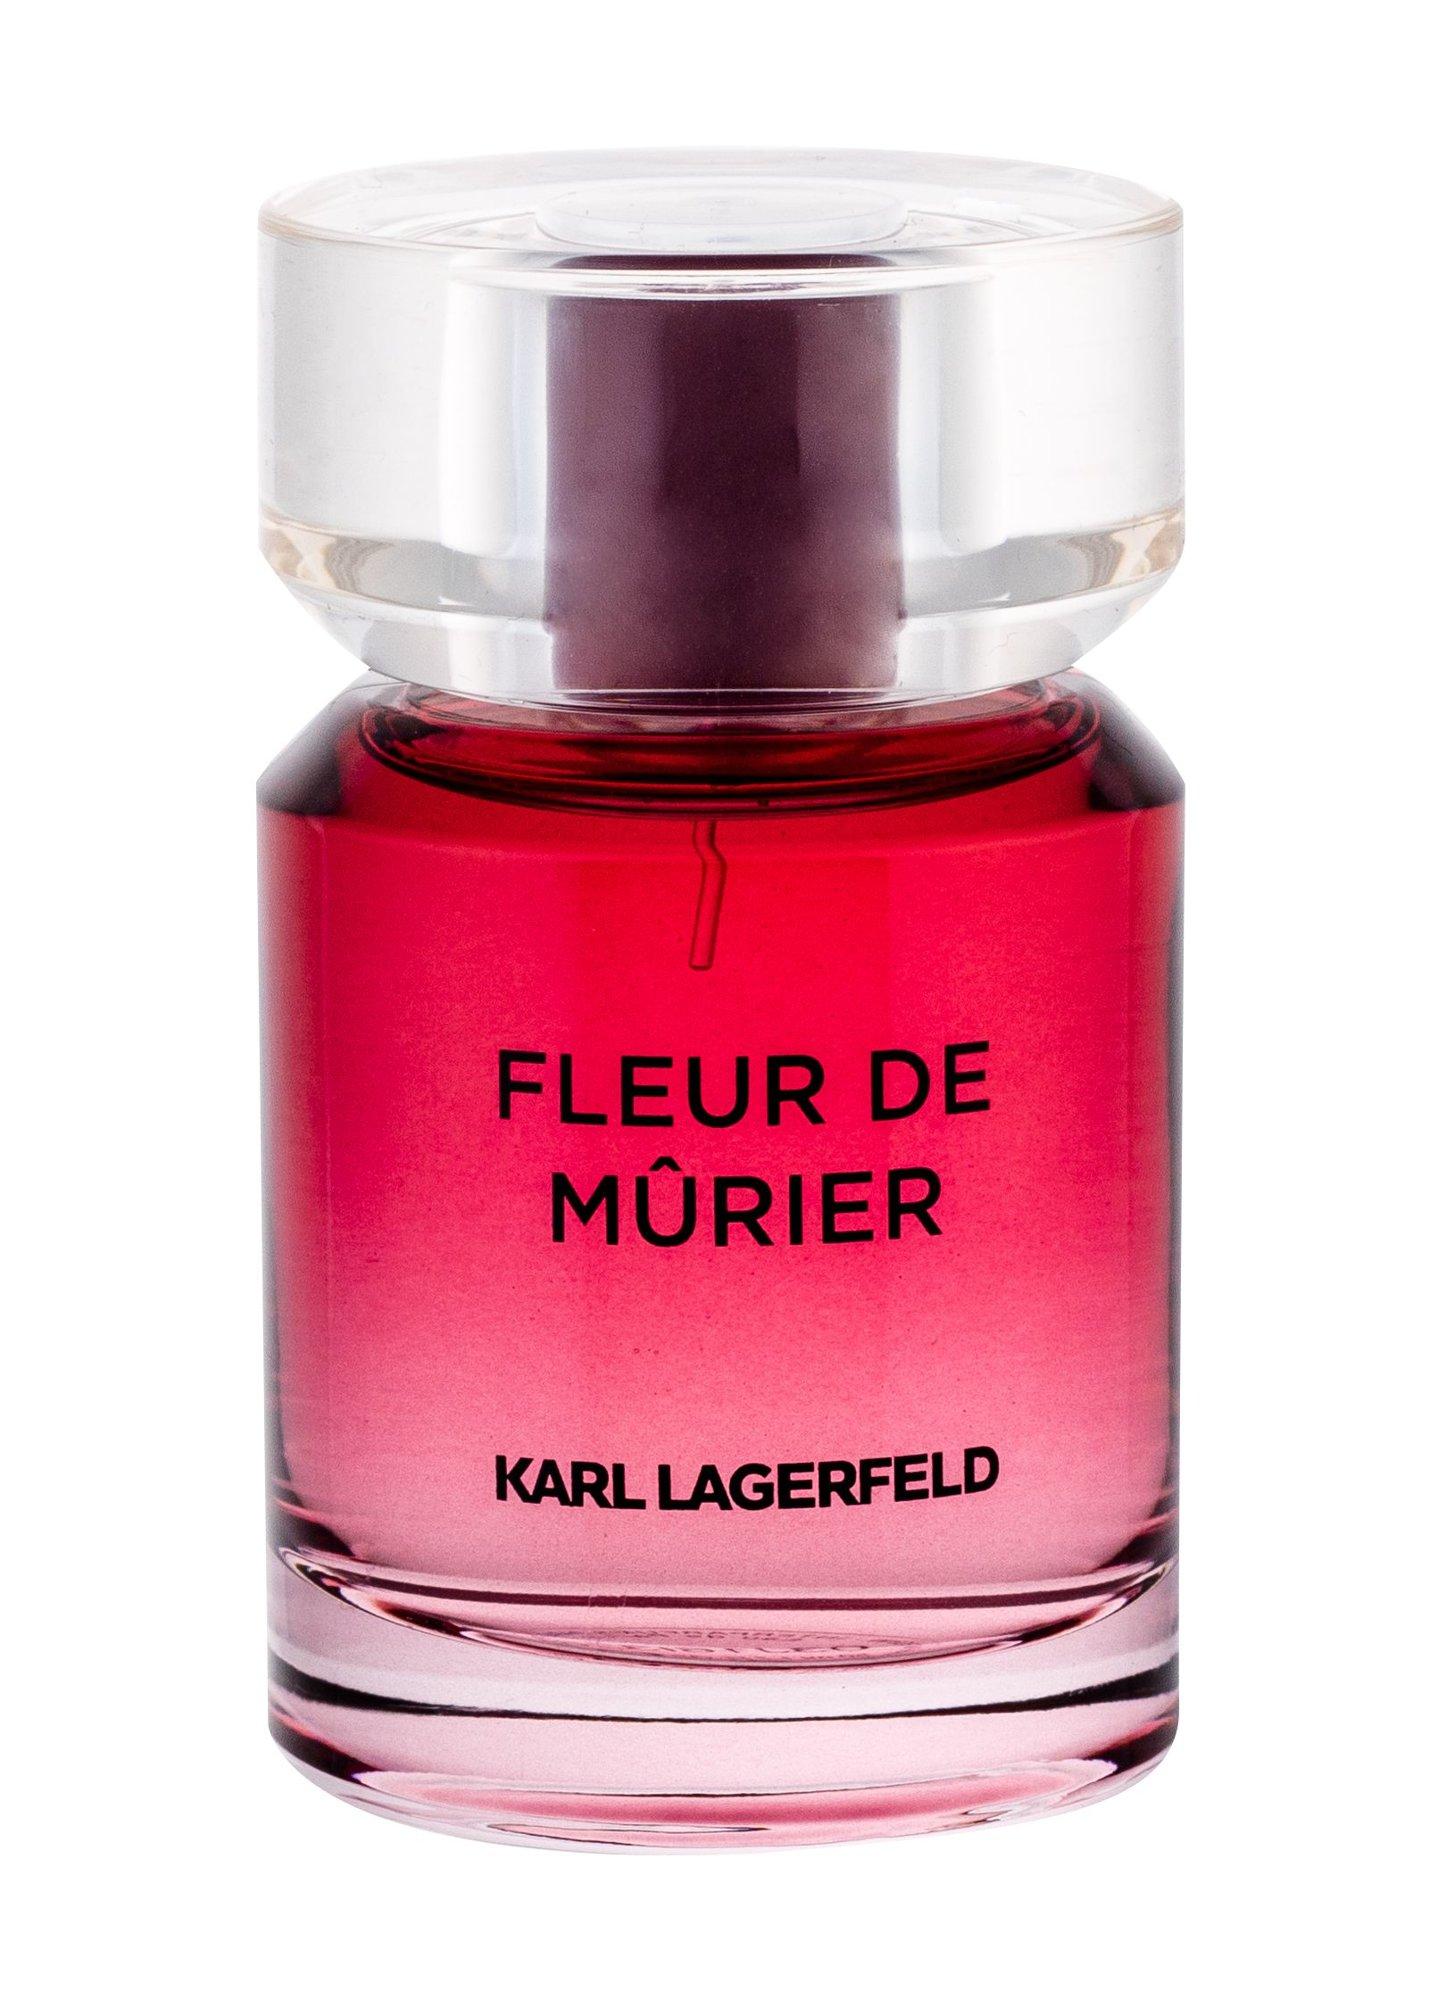 Karl Lagerfeld Les Parfums Matieres Eau de Parfum 50ml